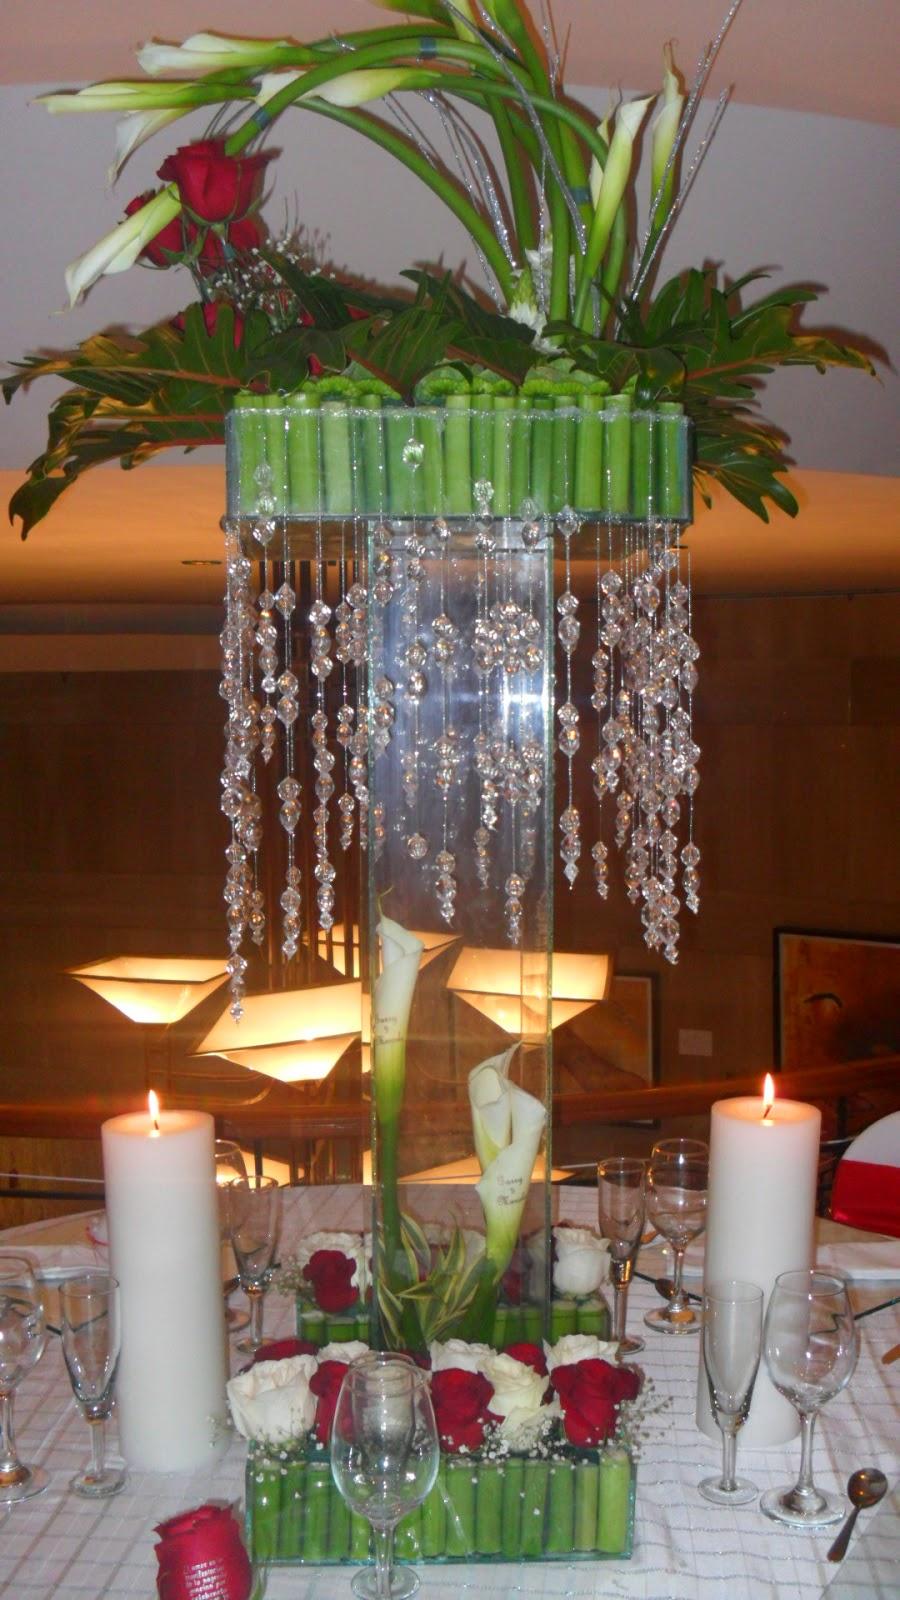 Centros de mesa para bodas fiori bella colombia - Mesas de centro de vidrio ...